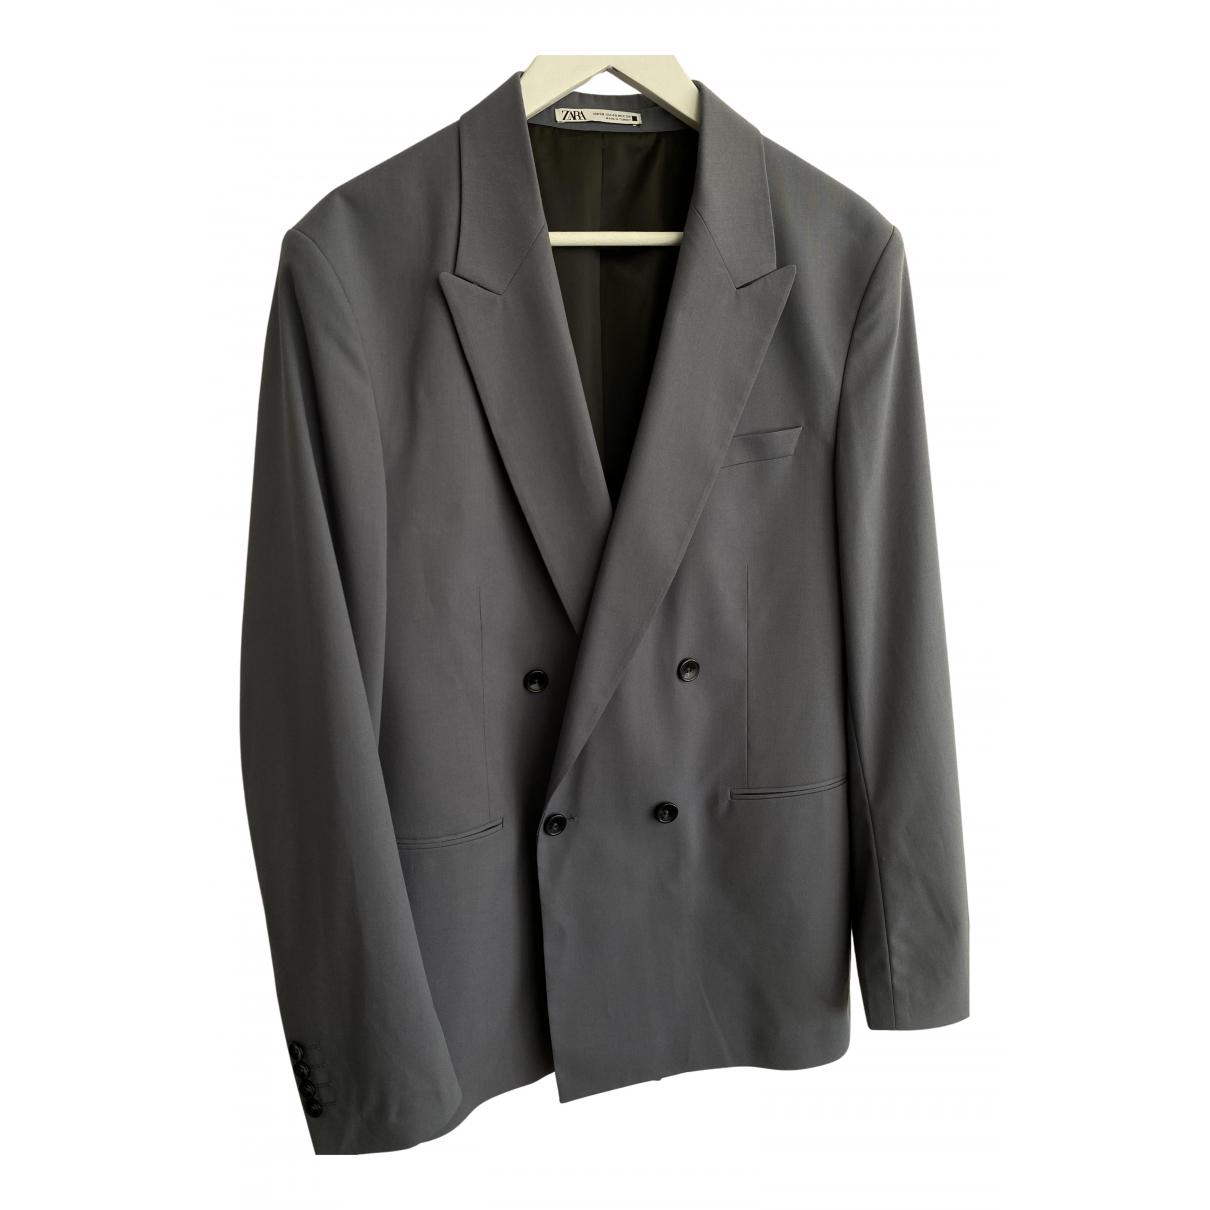 Zara N Grey Suits for Men 50 FR